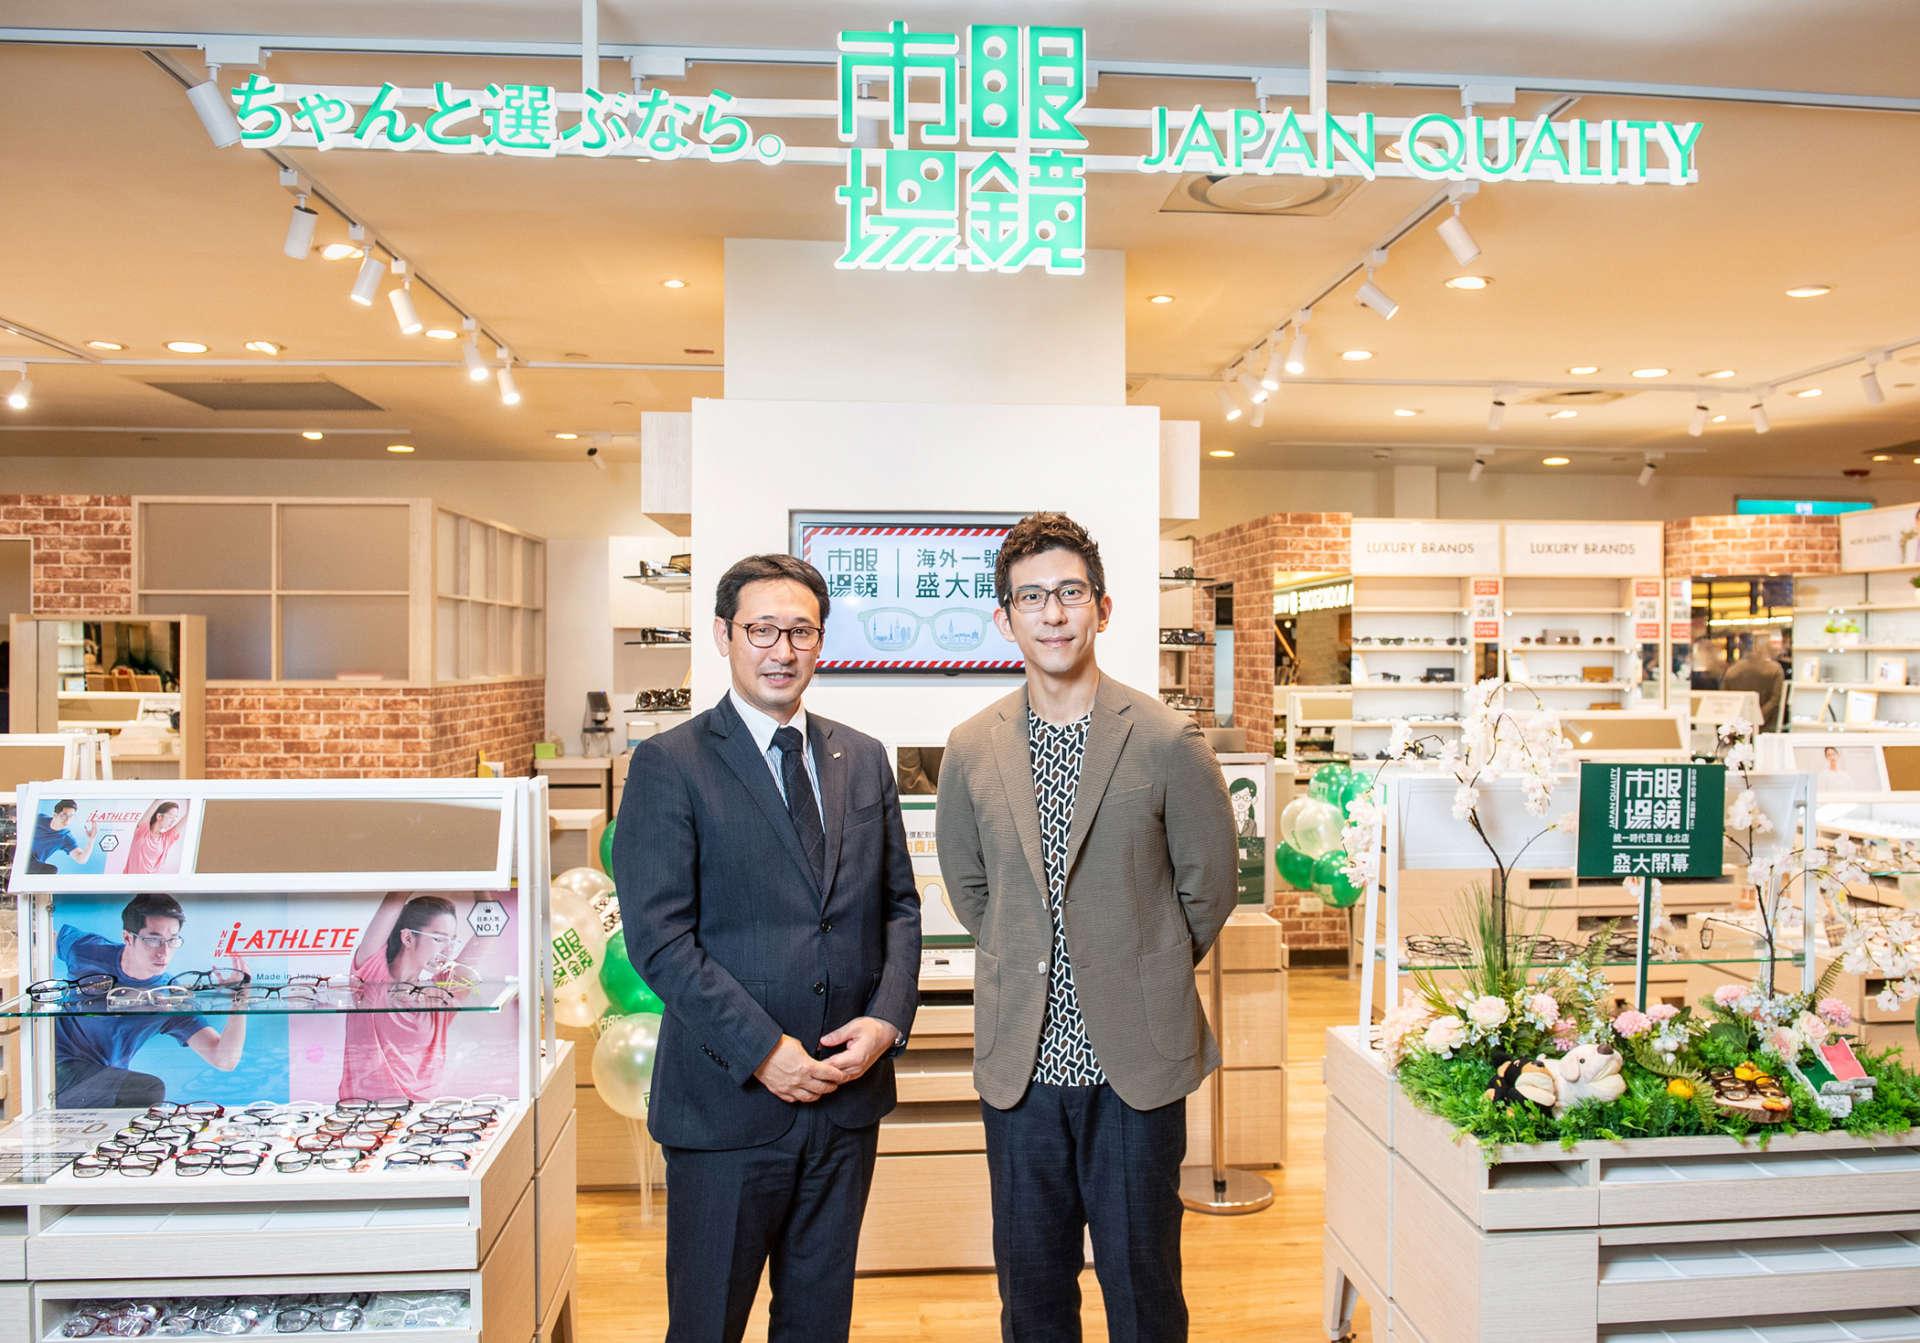 海外一號店盛大開幕_(右起) 台灣頂點眼鏡市場 田川肇 總經理、嘉賓 修杰楷合影